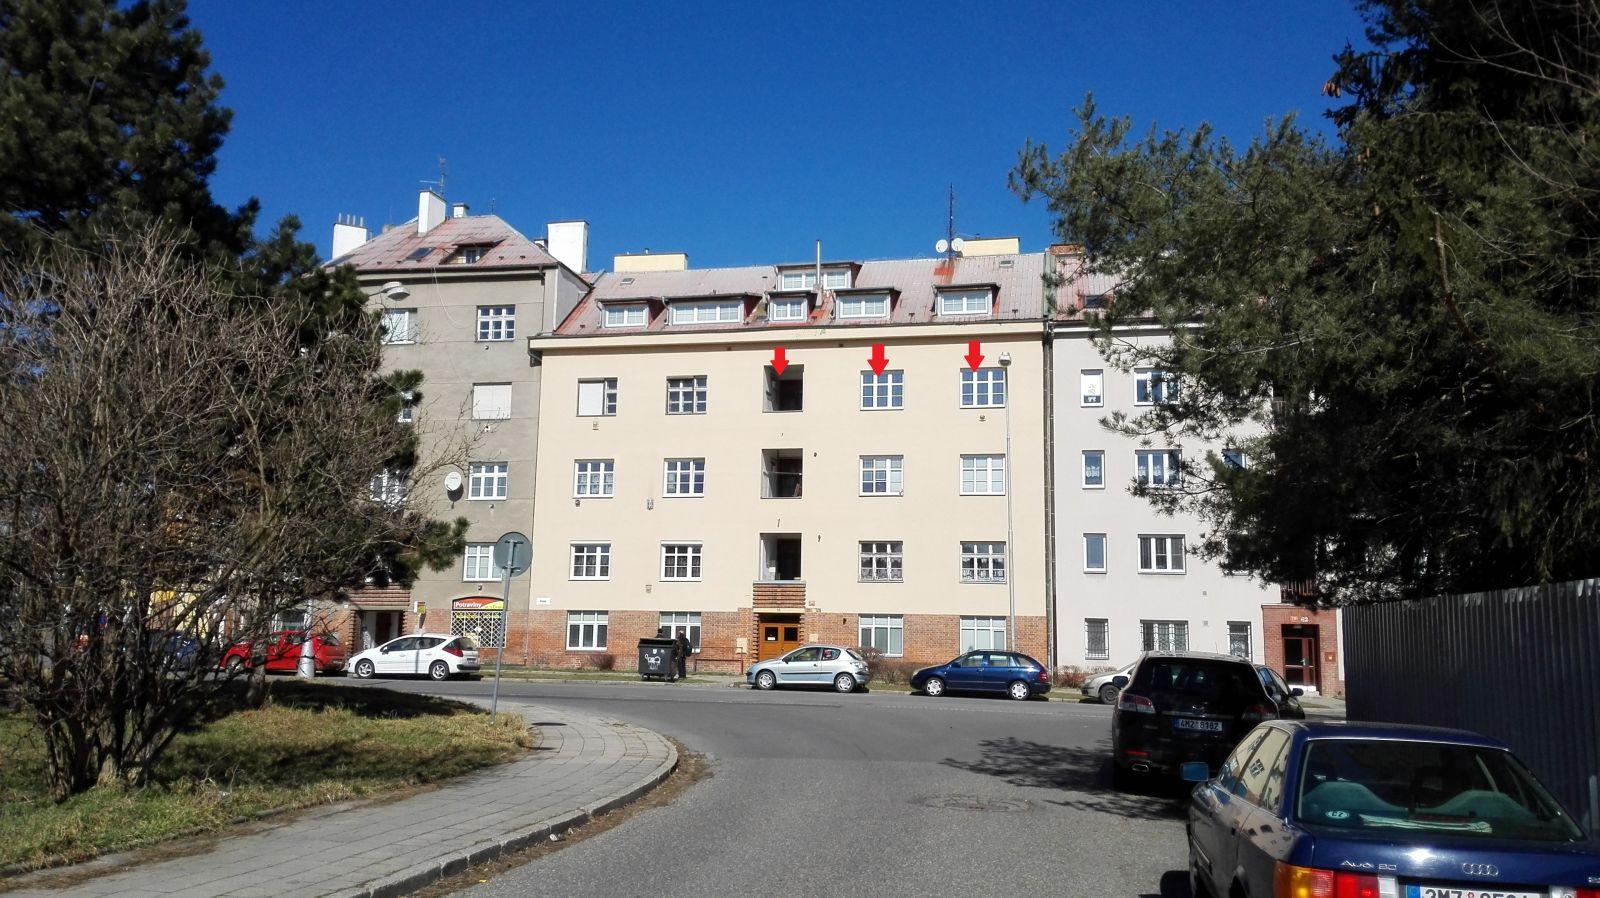 Pronájem bytu 1+1 poblíž centra  - Olomouc - Polská ul.